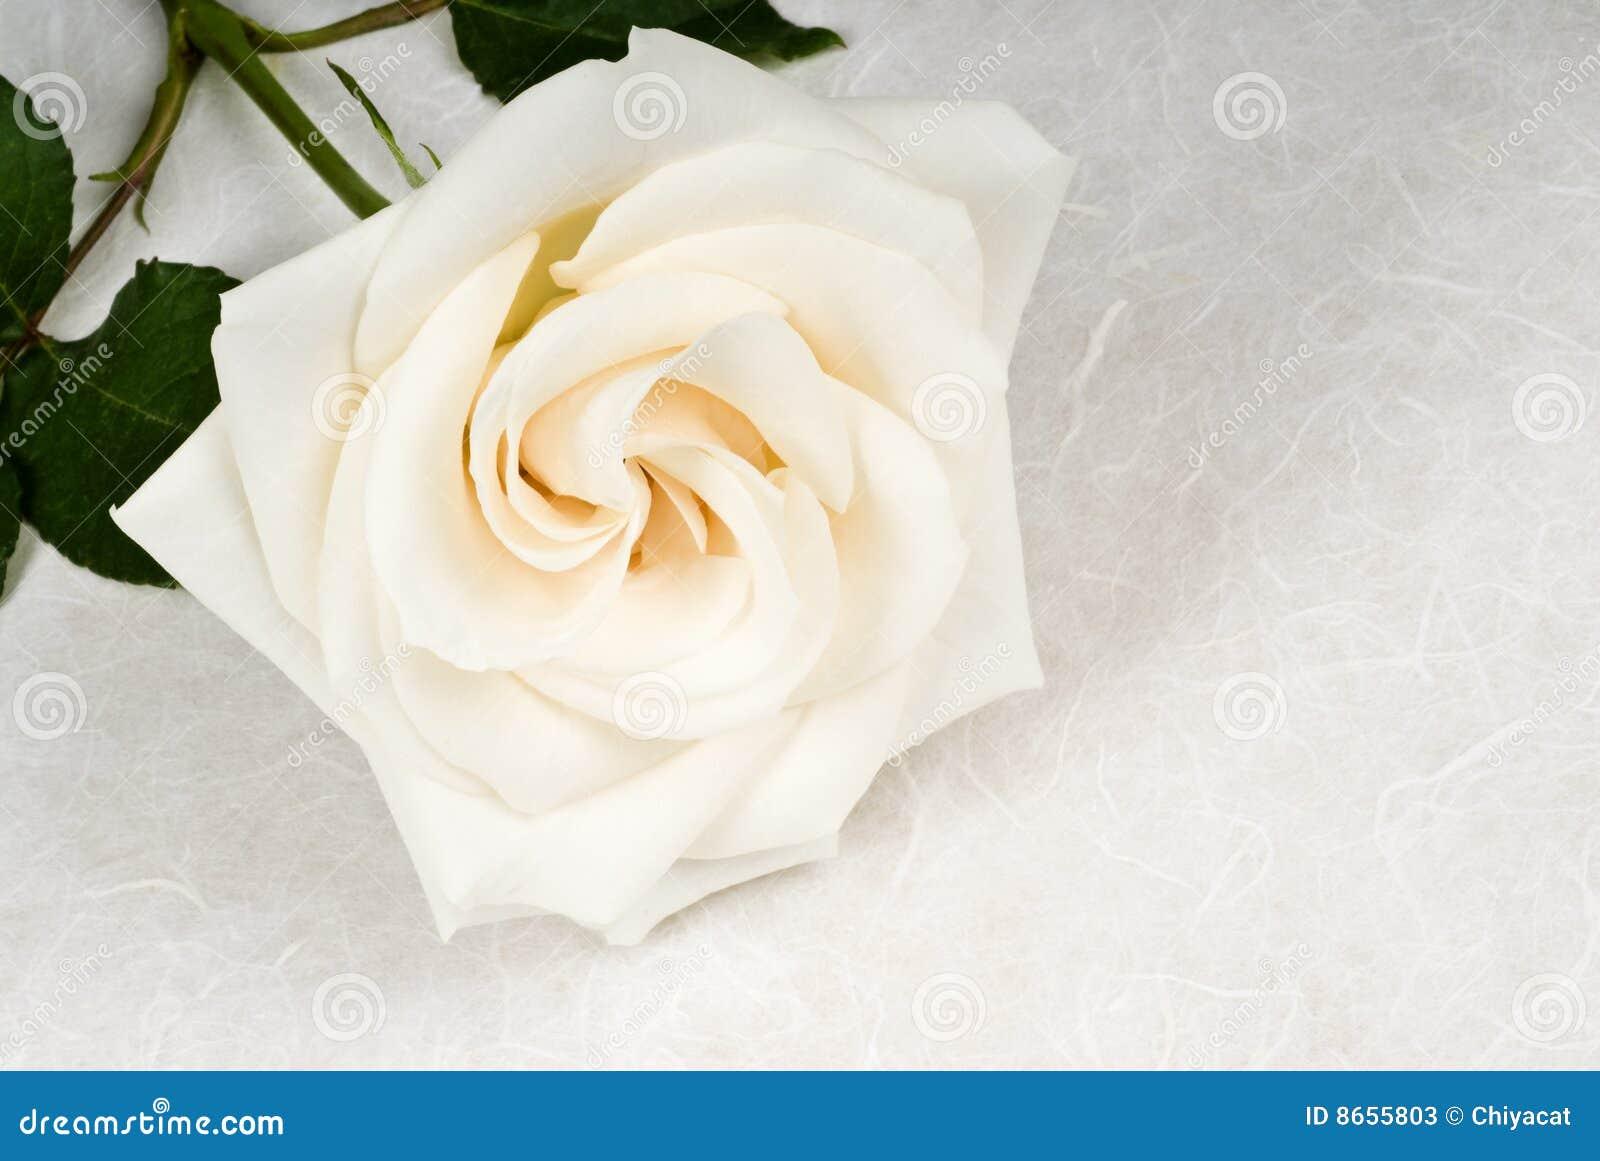 Rose blanche sur le papier texturisé